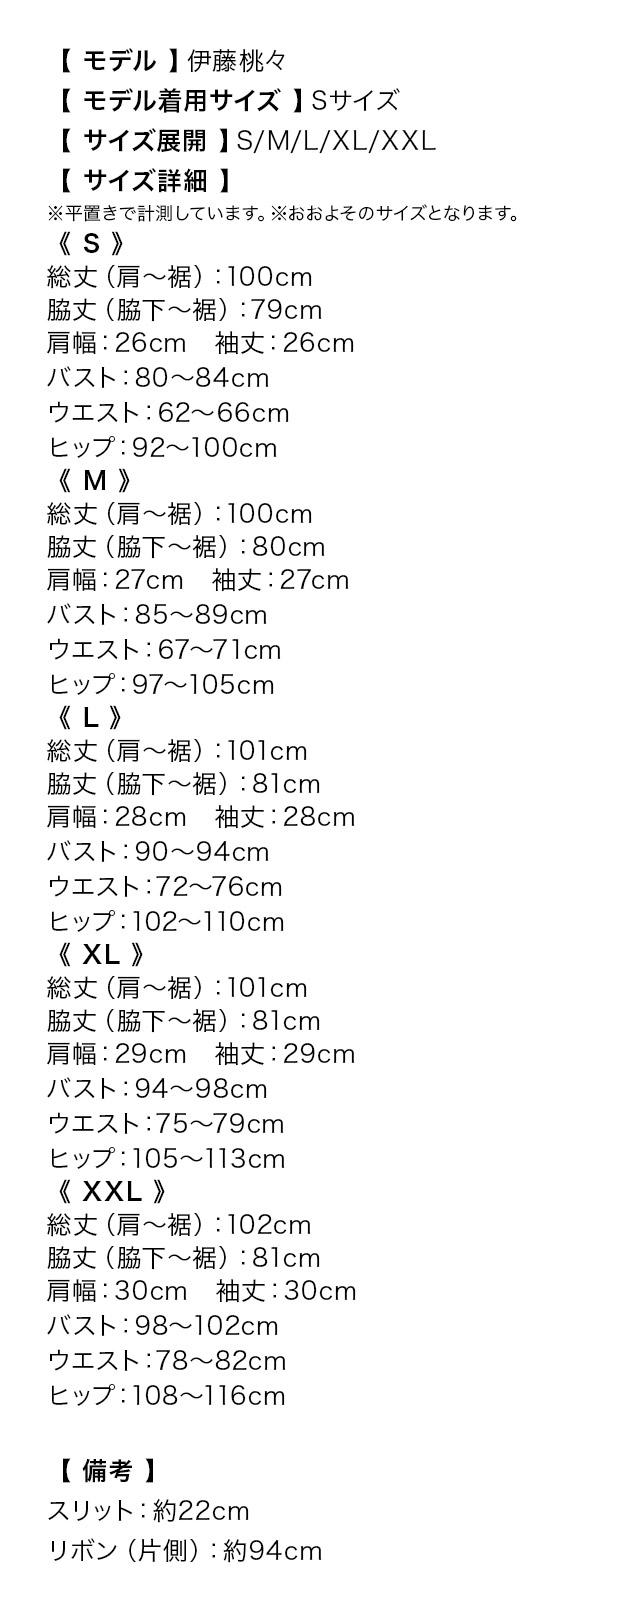 ドットシアーウエストリボン切り替えスリットミディアムドレスのサイズ表